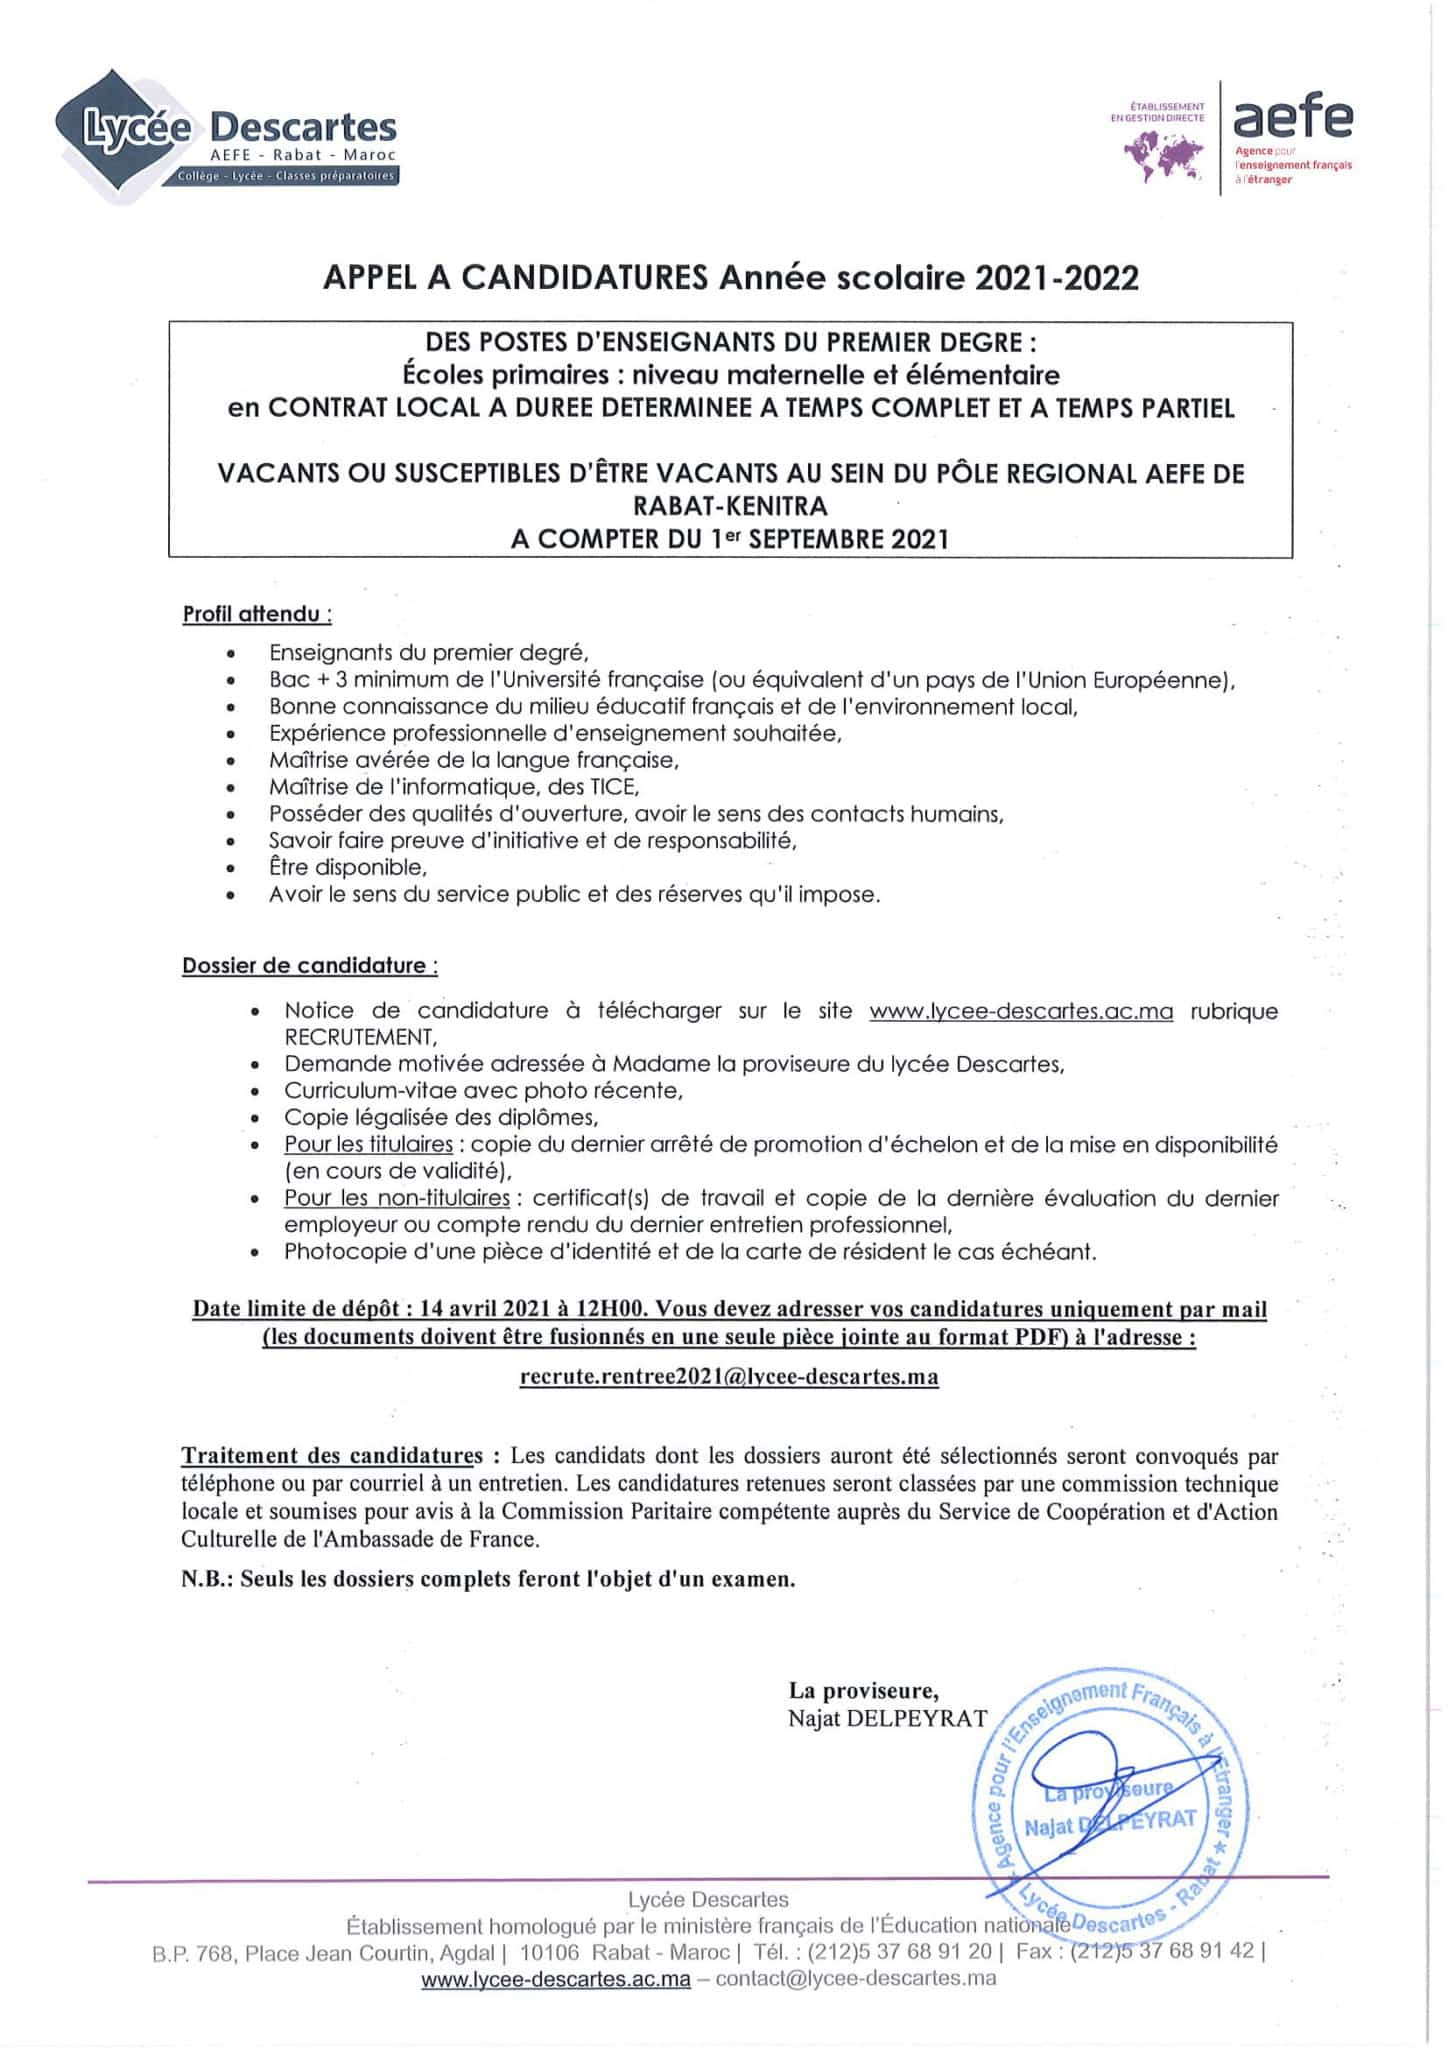 enseignants1erdegrecontratlocal 1 scaled Lycée Descartes recrute Plusieurs Profils